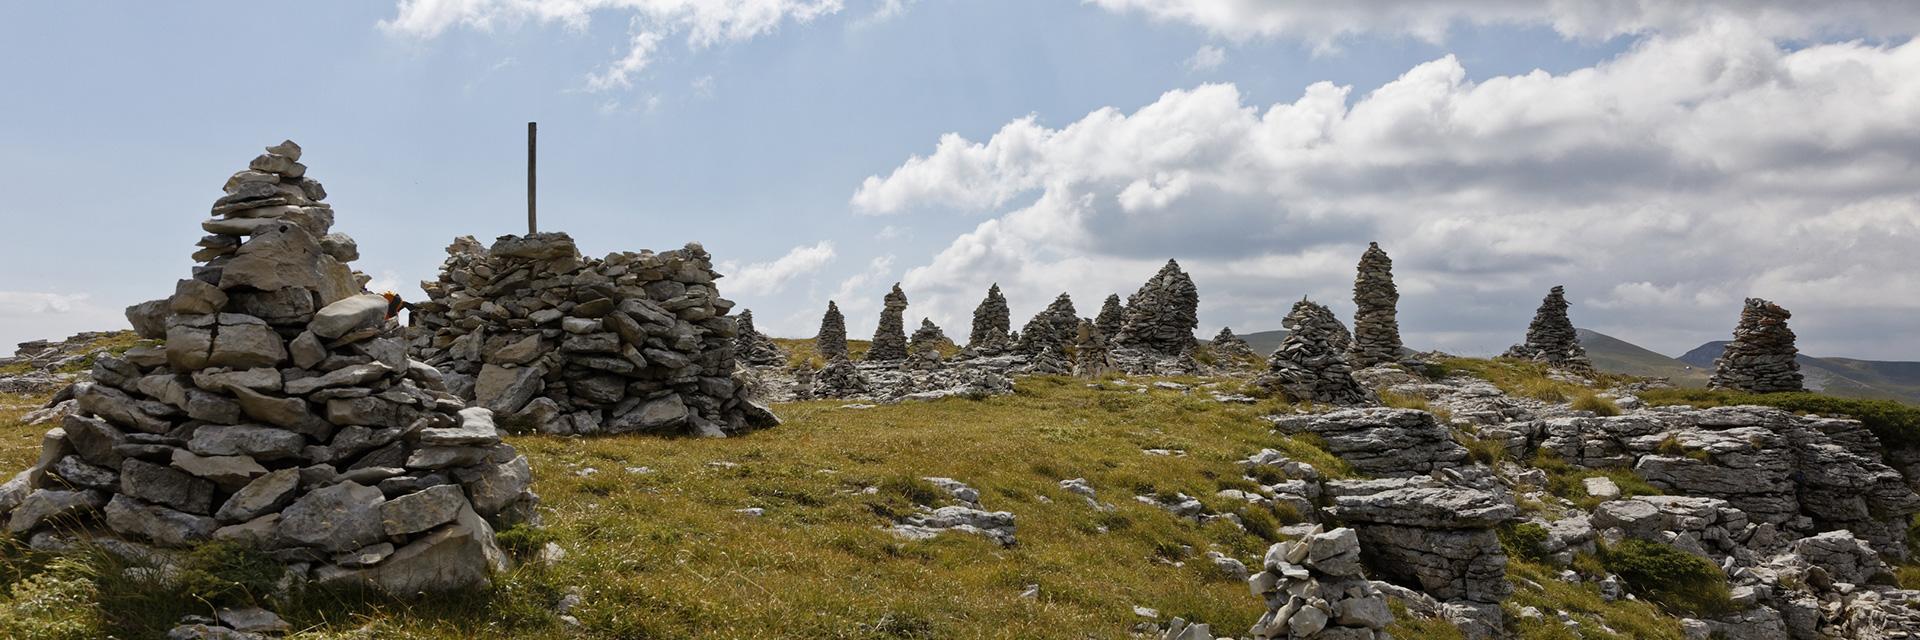 village-vacances-cap-france-font-durle-cairns-plateau